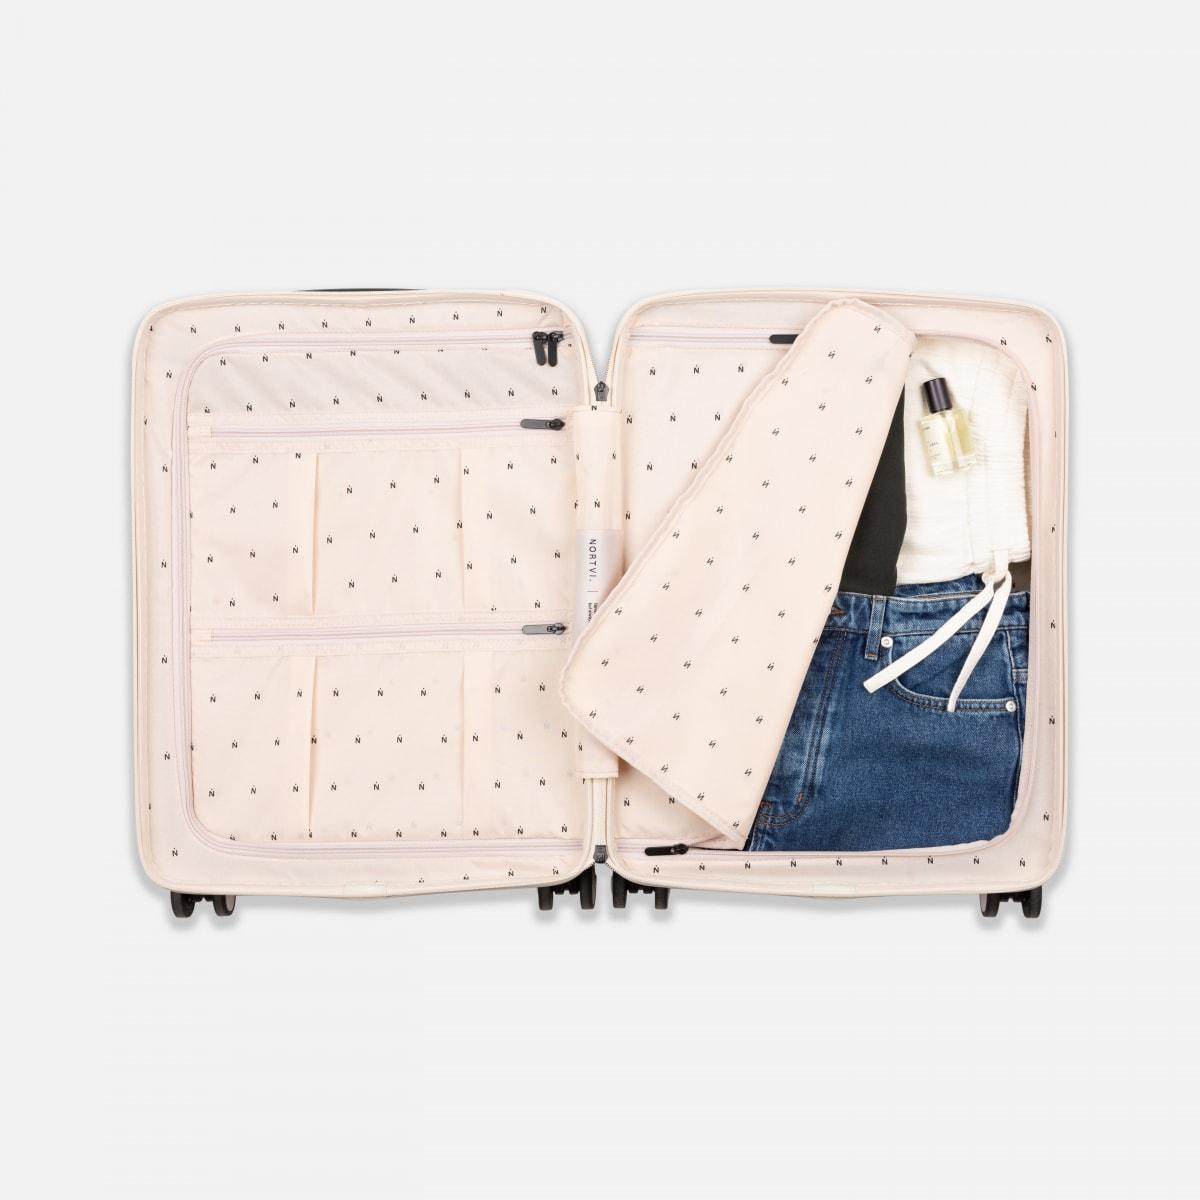 NORTVI sustainable design suitcase Rainforest Green met Front Pocket 39 L gemaakt van duurzaam materiaal.